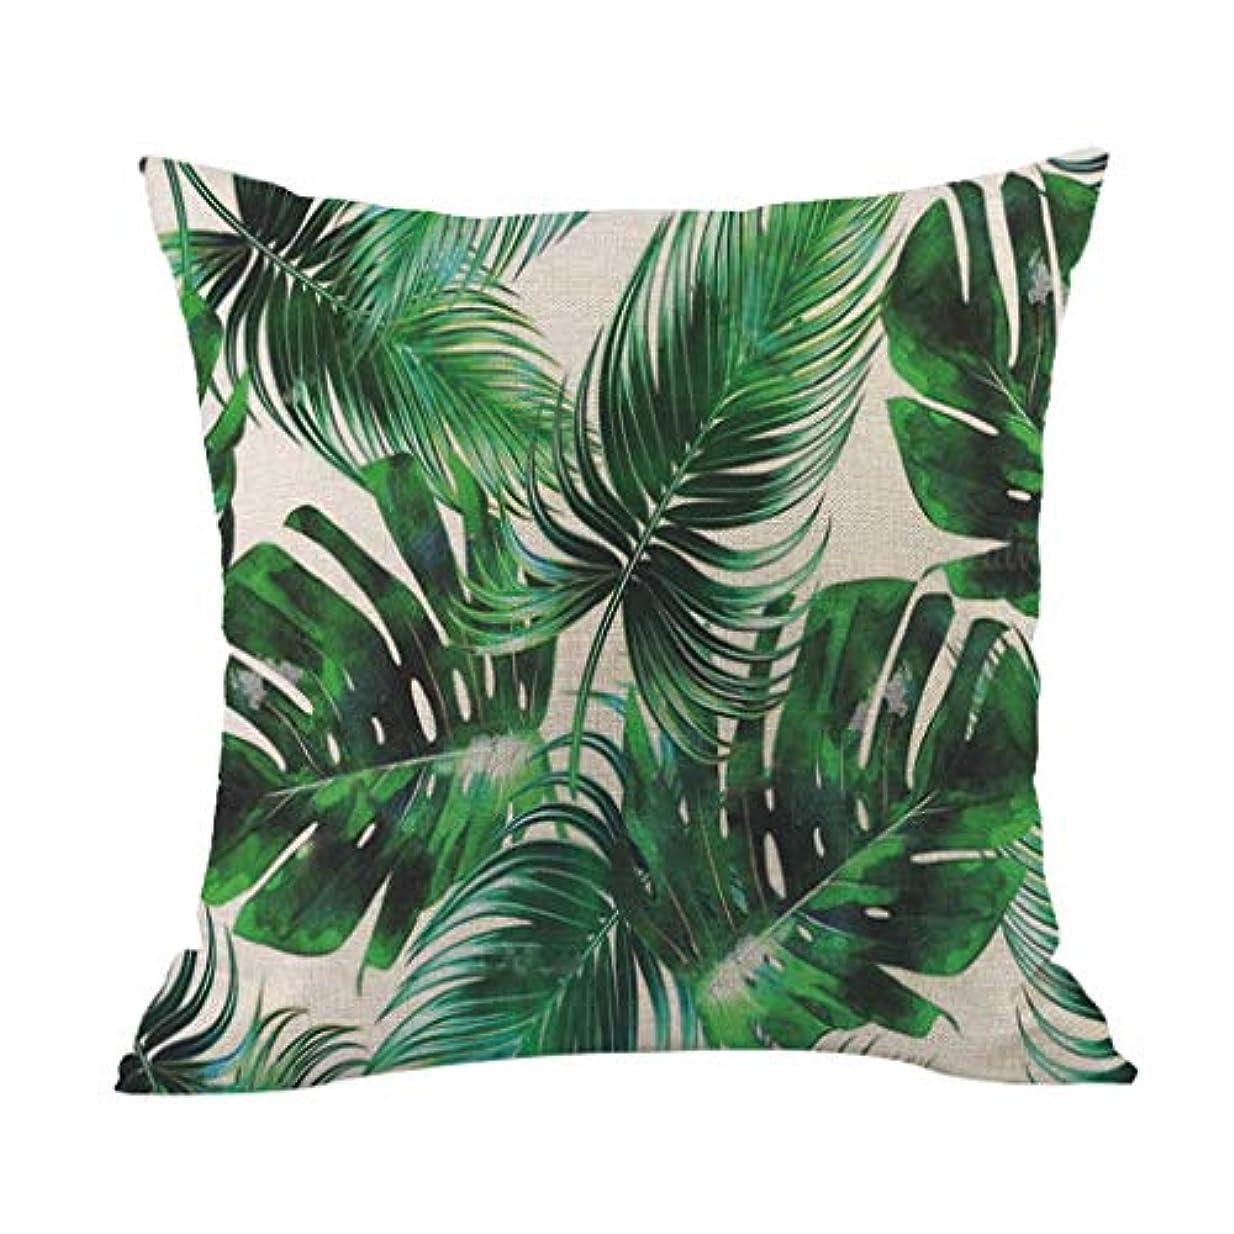 荒野性格発掘するLIFE 高品質クッション熱帯植物ポリエステル枕ソファ投げるパッドセットホーム人格クッション coussin decoratif クッション 椅子